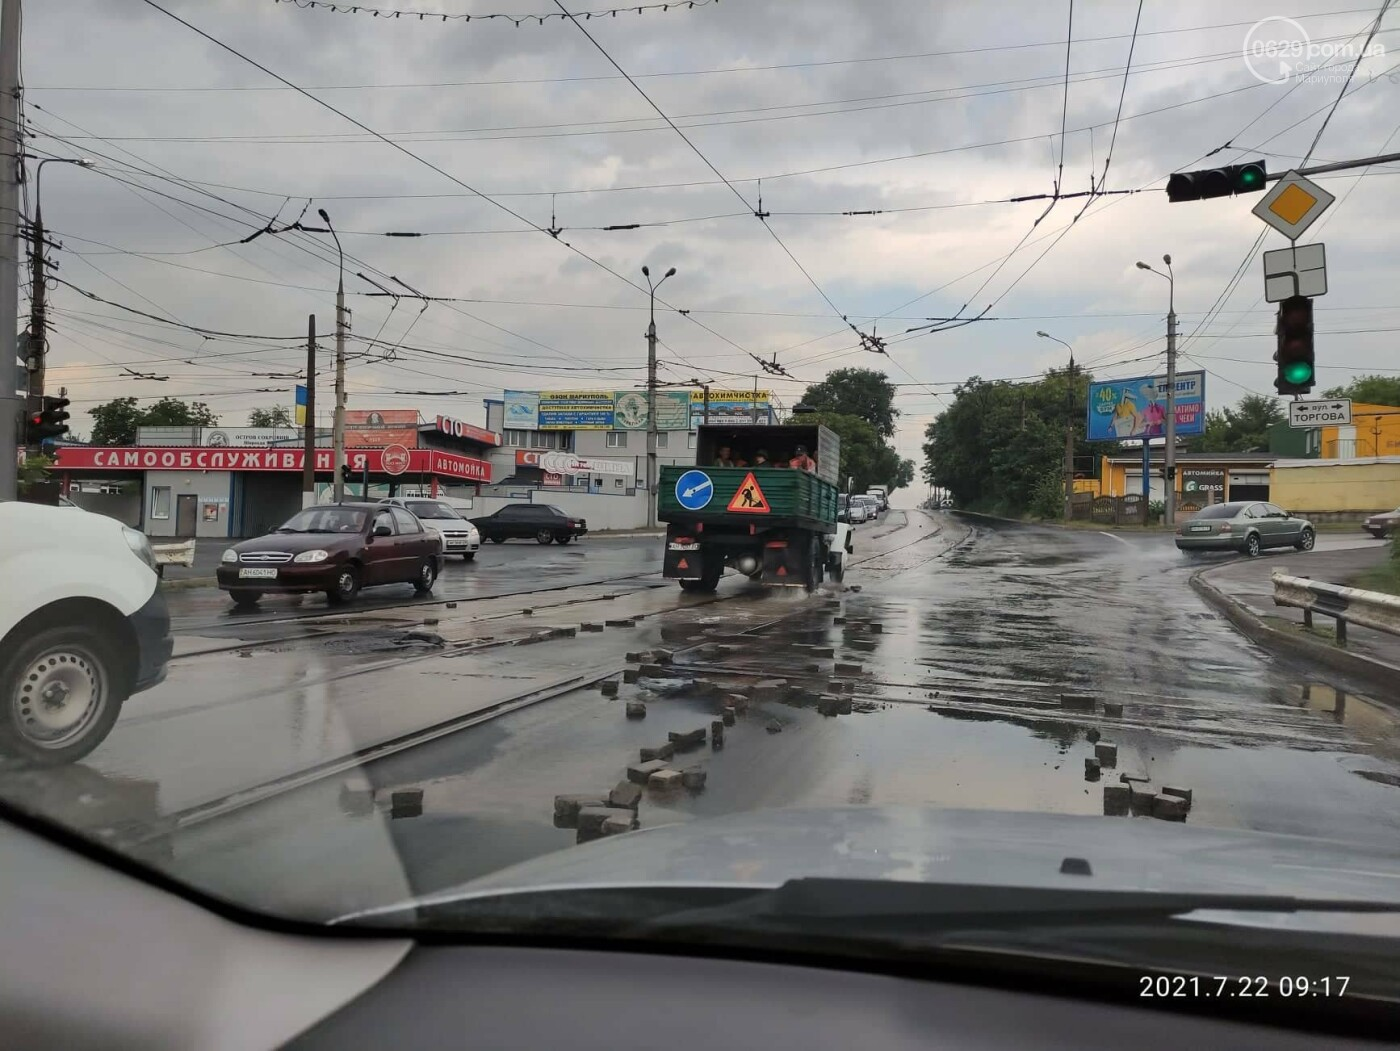 ДТП на Набережной. Поврежден новый забор. На дороге образовалась пробка в несколько километров, - ФОТО, фото-7